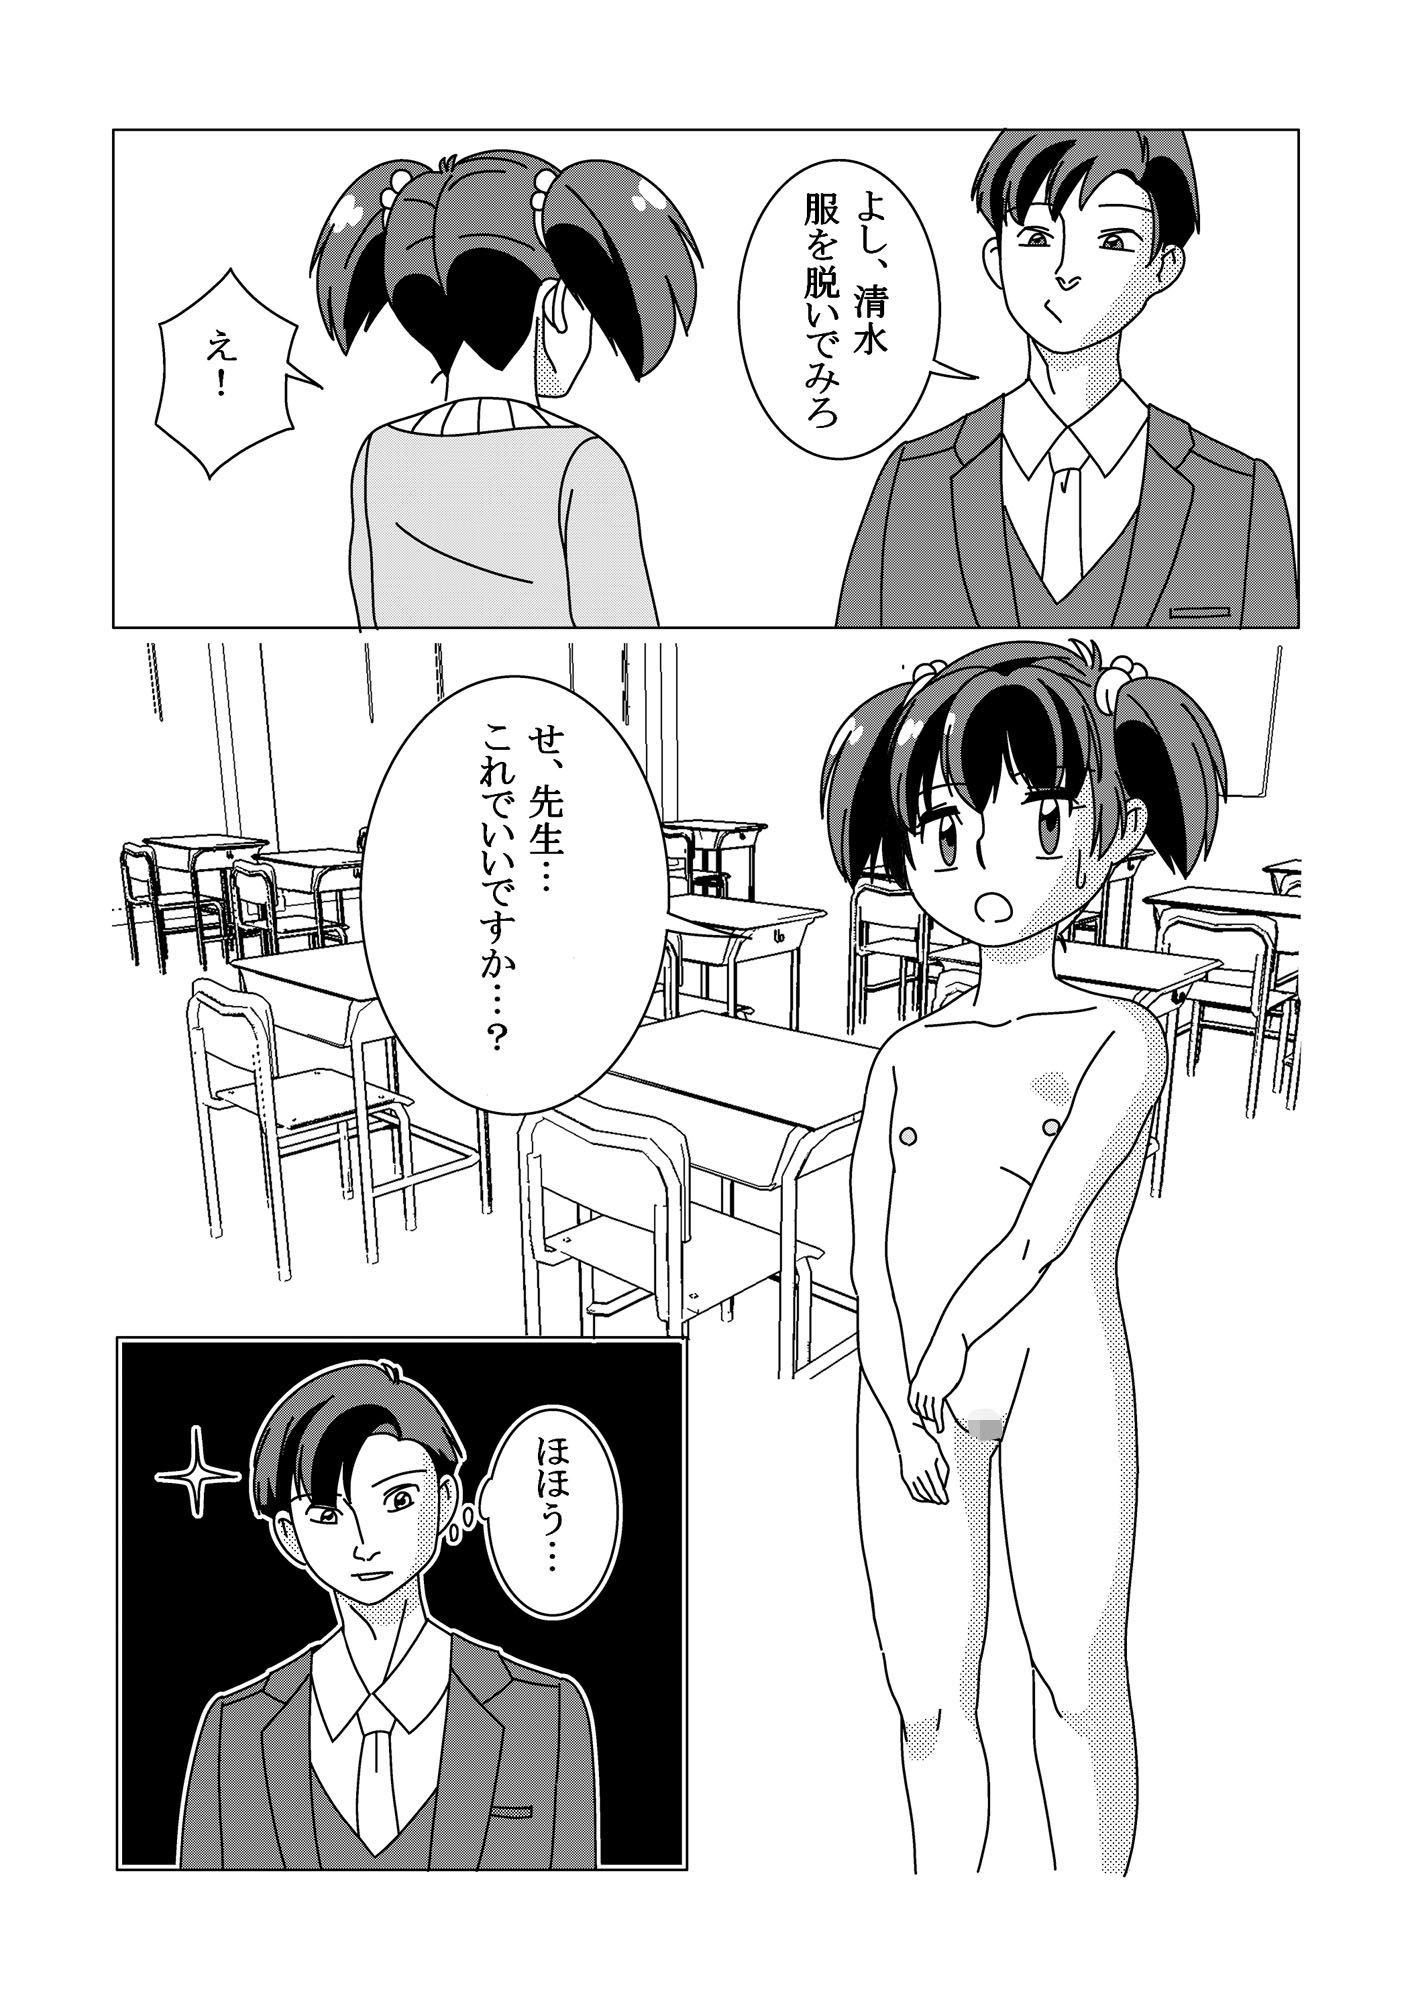 【桃色戯画 同人】少女と野獣!~先生に教室で処女を奪われちゃった件~